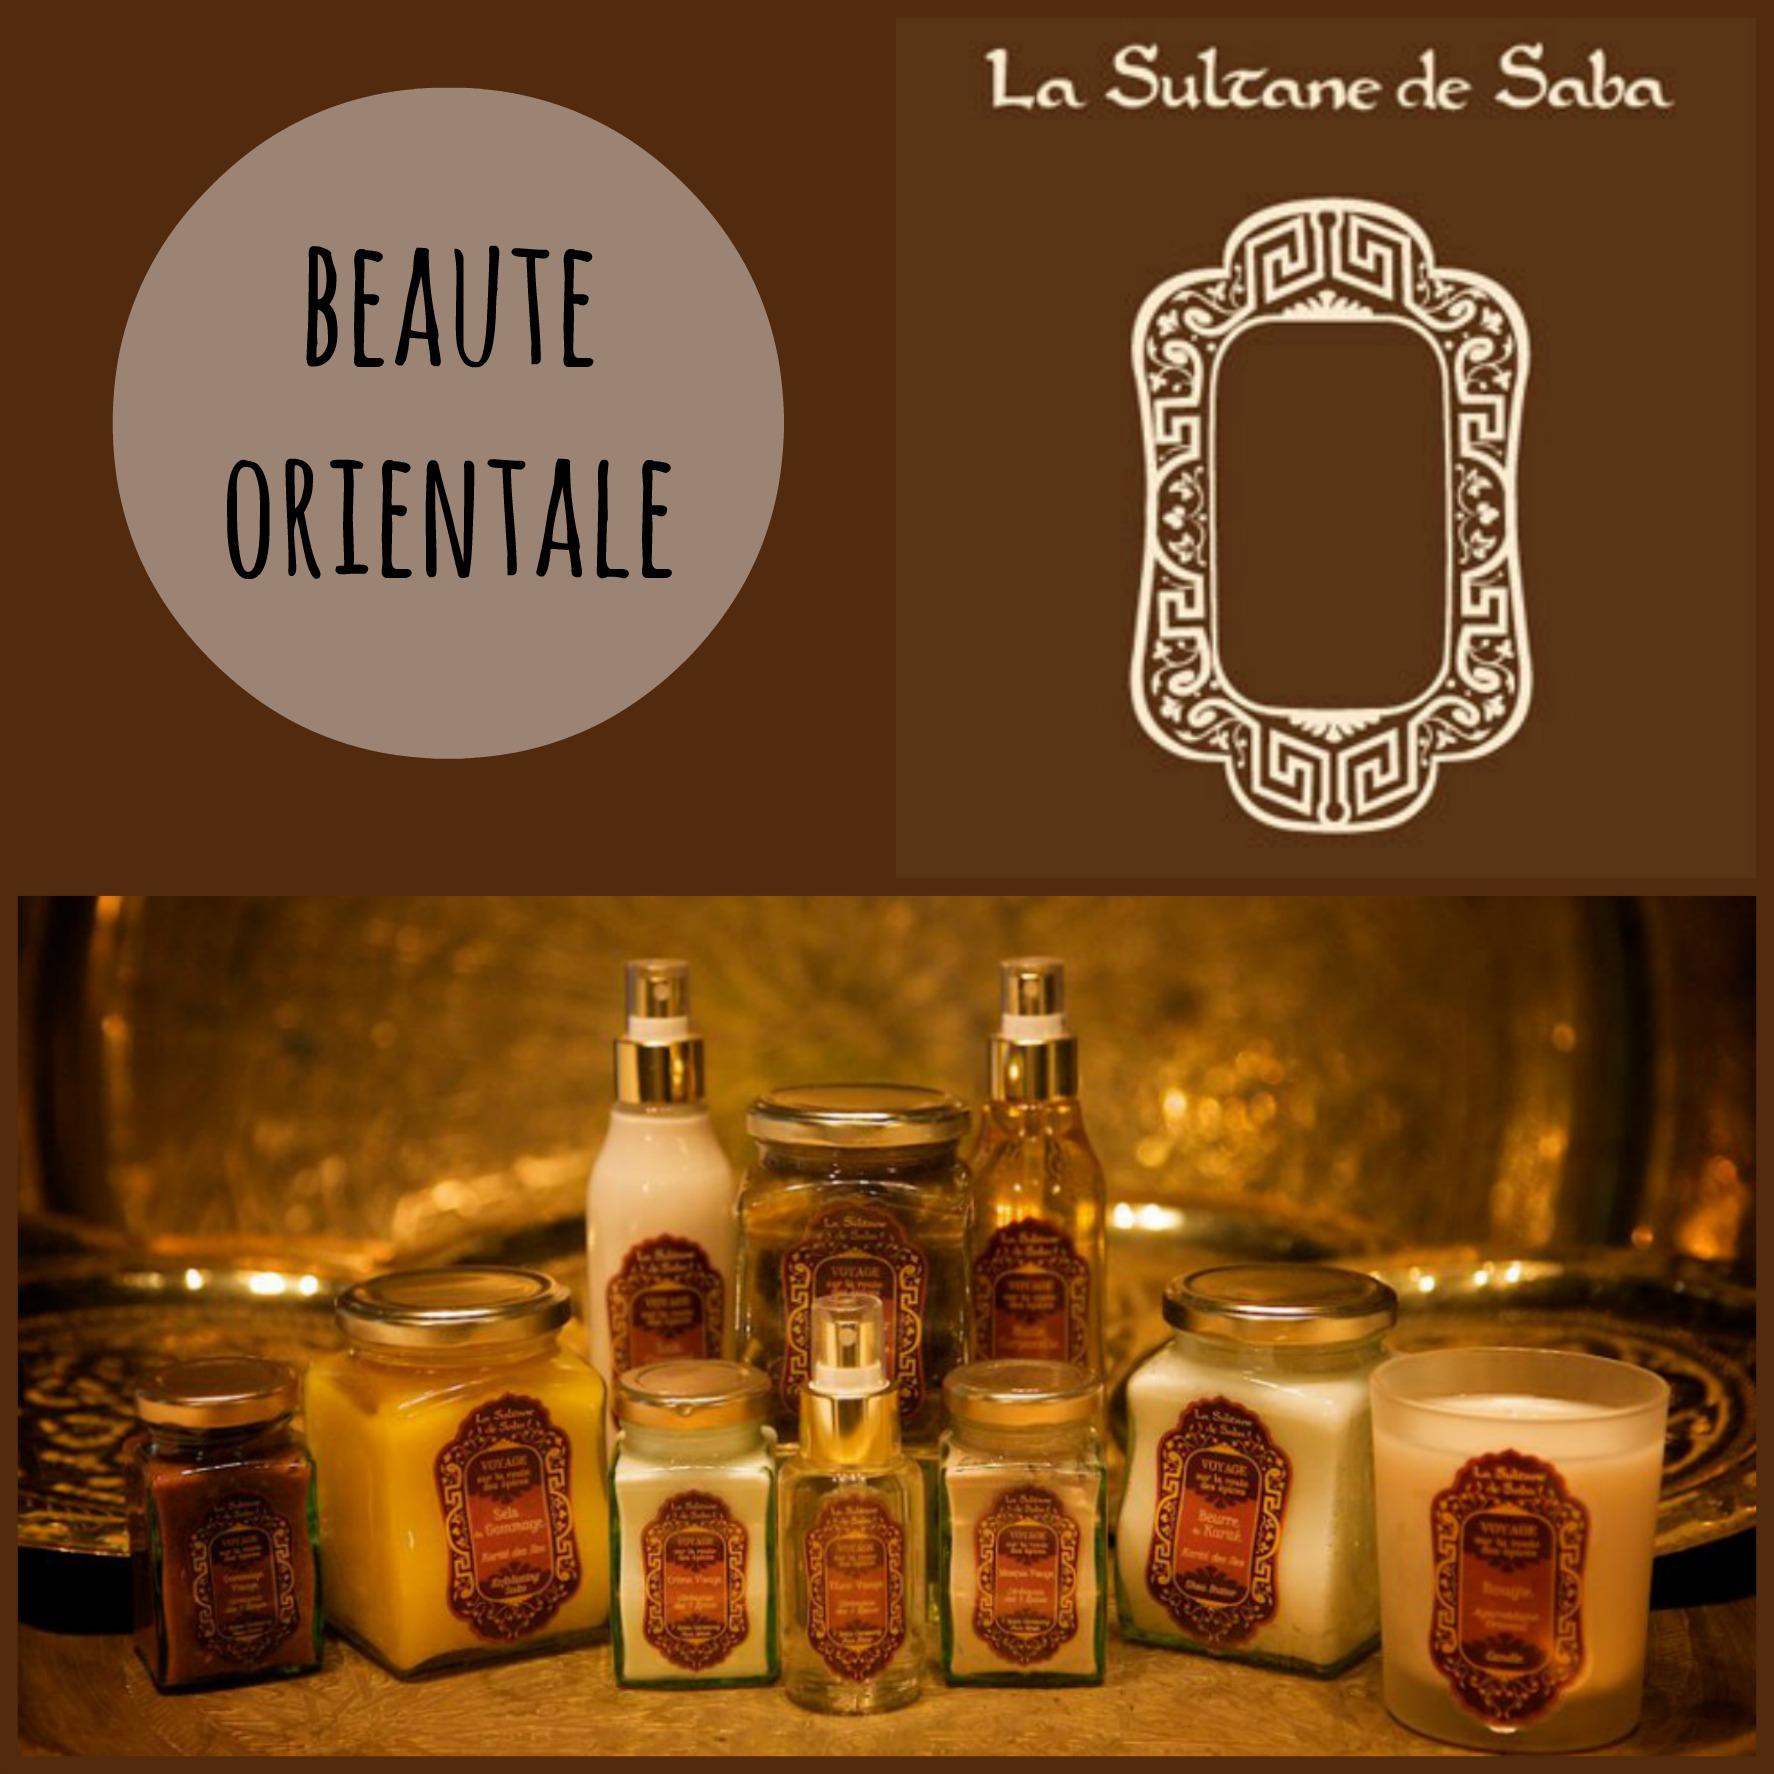 [Concours]#2 : Beauté orientale avec La Sultane de Saba